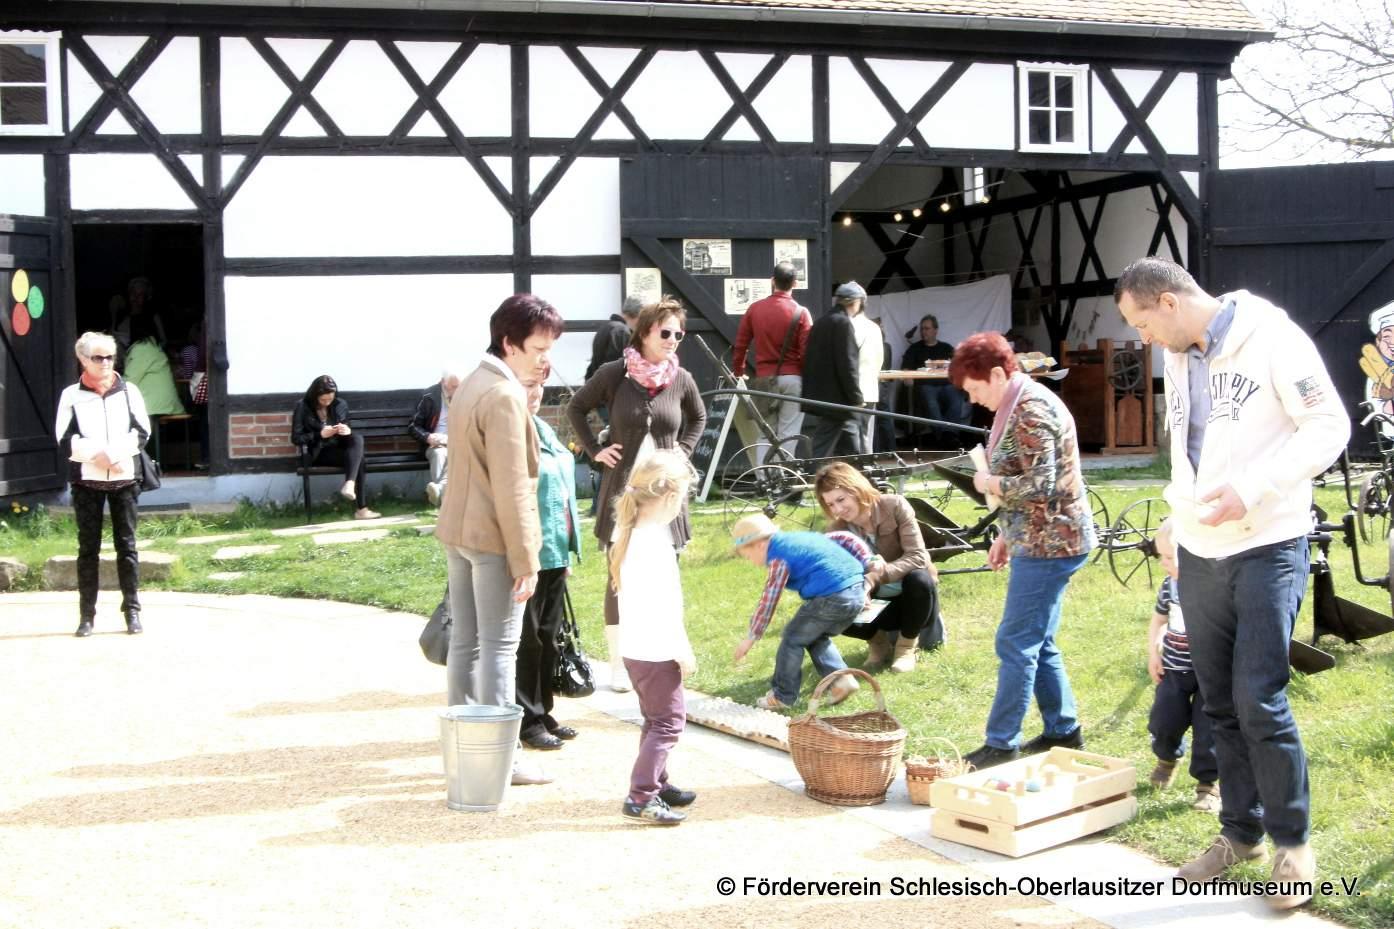 """Viel Spaß für die ganze Famile bietet das Schlesisch-Oberlausitzer Dorfmuseum<br />in Markersdorf nicht nur zur Osterzeit.""""/></a><br /><figcaption>Viel Spaß für die ganze Famile bietet das Schlesisch-Oberlausitzer Dorfmuseum<br />in Markersdorf nicht nur zur Osterzeit.</figcaption>In der Zwischenzeit konnte man dem Zauberer zusehen, Pony reiten, oder sich mit den verschiedenen  Gestaltungen von Ostereiern beschäftigen. Hier gab es zum Beispiel eine ganz besondere Art  zur Verzierung der Eier. Diese wurden mit Blüten beklebt und die Zwischenräume anschließend ausgefräst. Die so entstandenen Schmuckstücke waren richtige Kunstwerke, die man nicht jeden Tag zu sehen bekommt.<a href="""